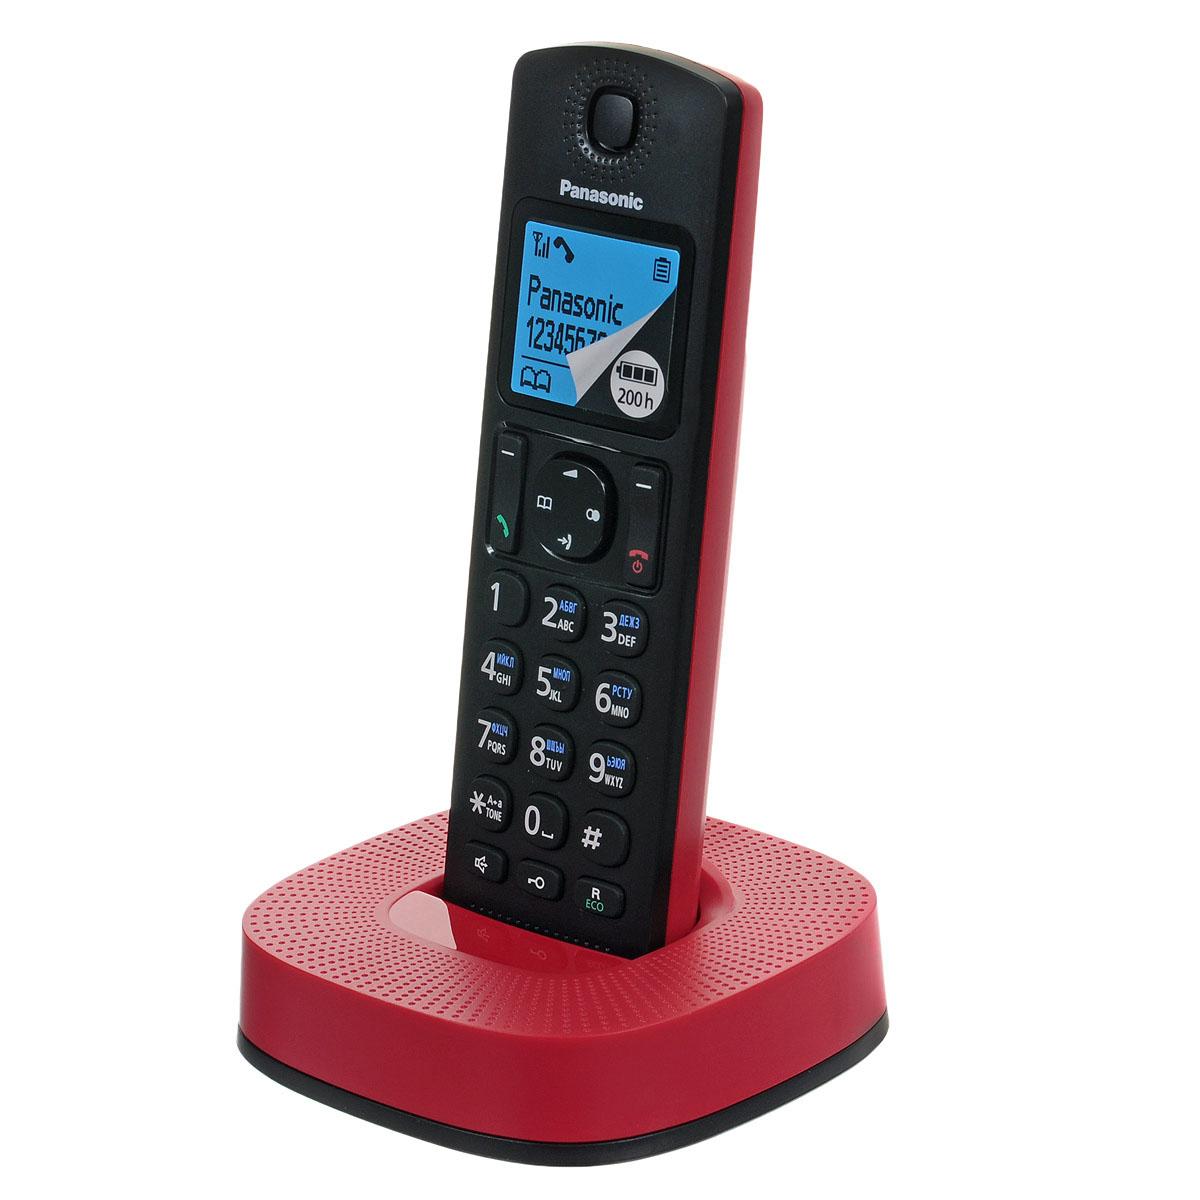 Panasonic KX-TGC310RUR, Black Red DECT телефонKX-TGC310RURPanasonic KX-TGC310RU - компактный и стильный DECT-телефон, который впишется в любой интерьер. Сведите кминимуму количество нежелательных звонков. Вы можете заблокировать любой выбранный номер, а также любыепоследовательности чисел (от 2 до 8 цифр), совпадающие с номерами, внесенными в черный список. С помощьюспециальной кнопки блокировки клавиш вы можете избежать случайных вызовов и нежелательных измененийнастроек, поэтому телефон можно с удобством носить в кармане. Питание устройства осуществляется отаккумуляторов типа Ni-MH (в комплекте). Функция быстрого набора - есть